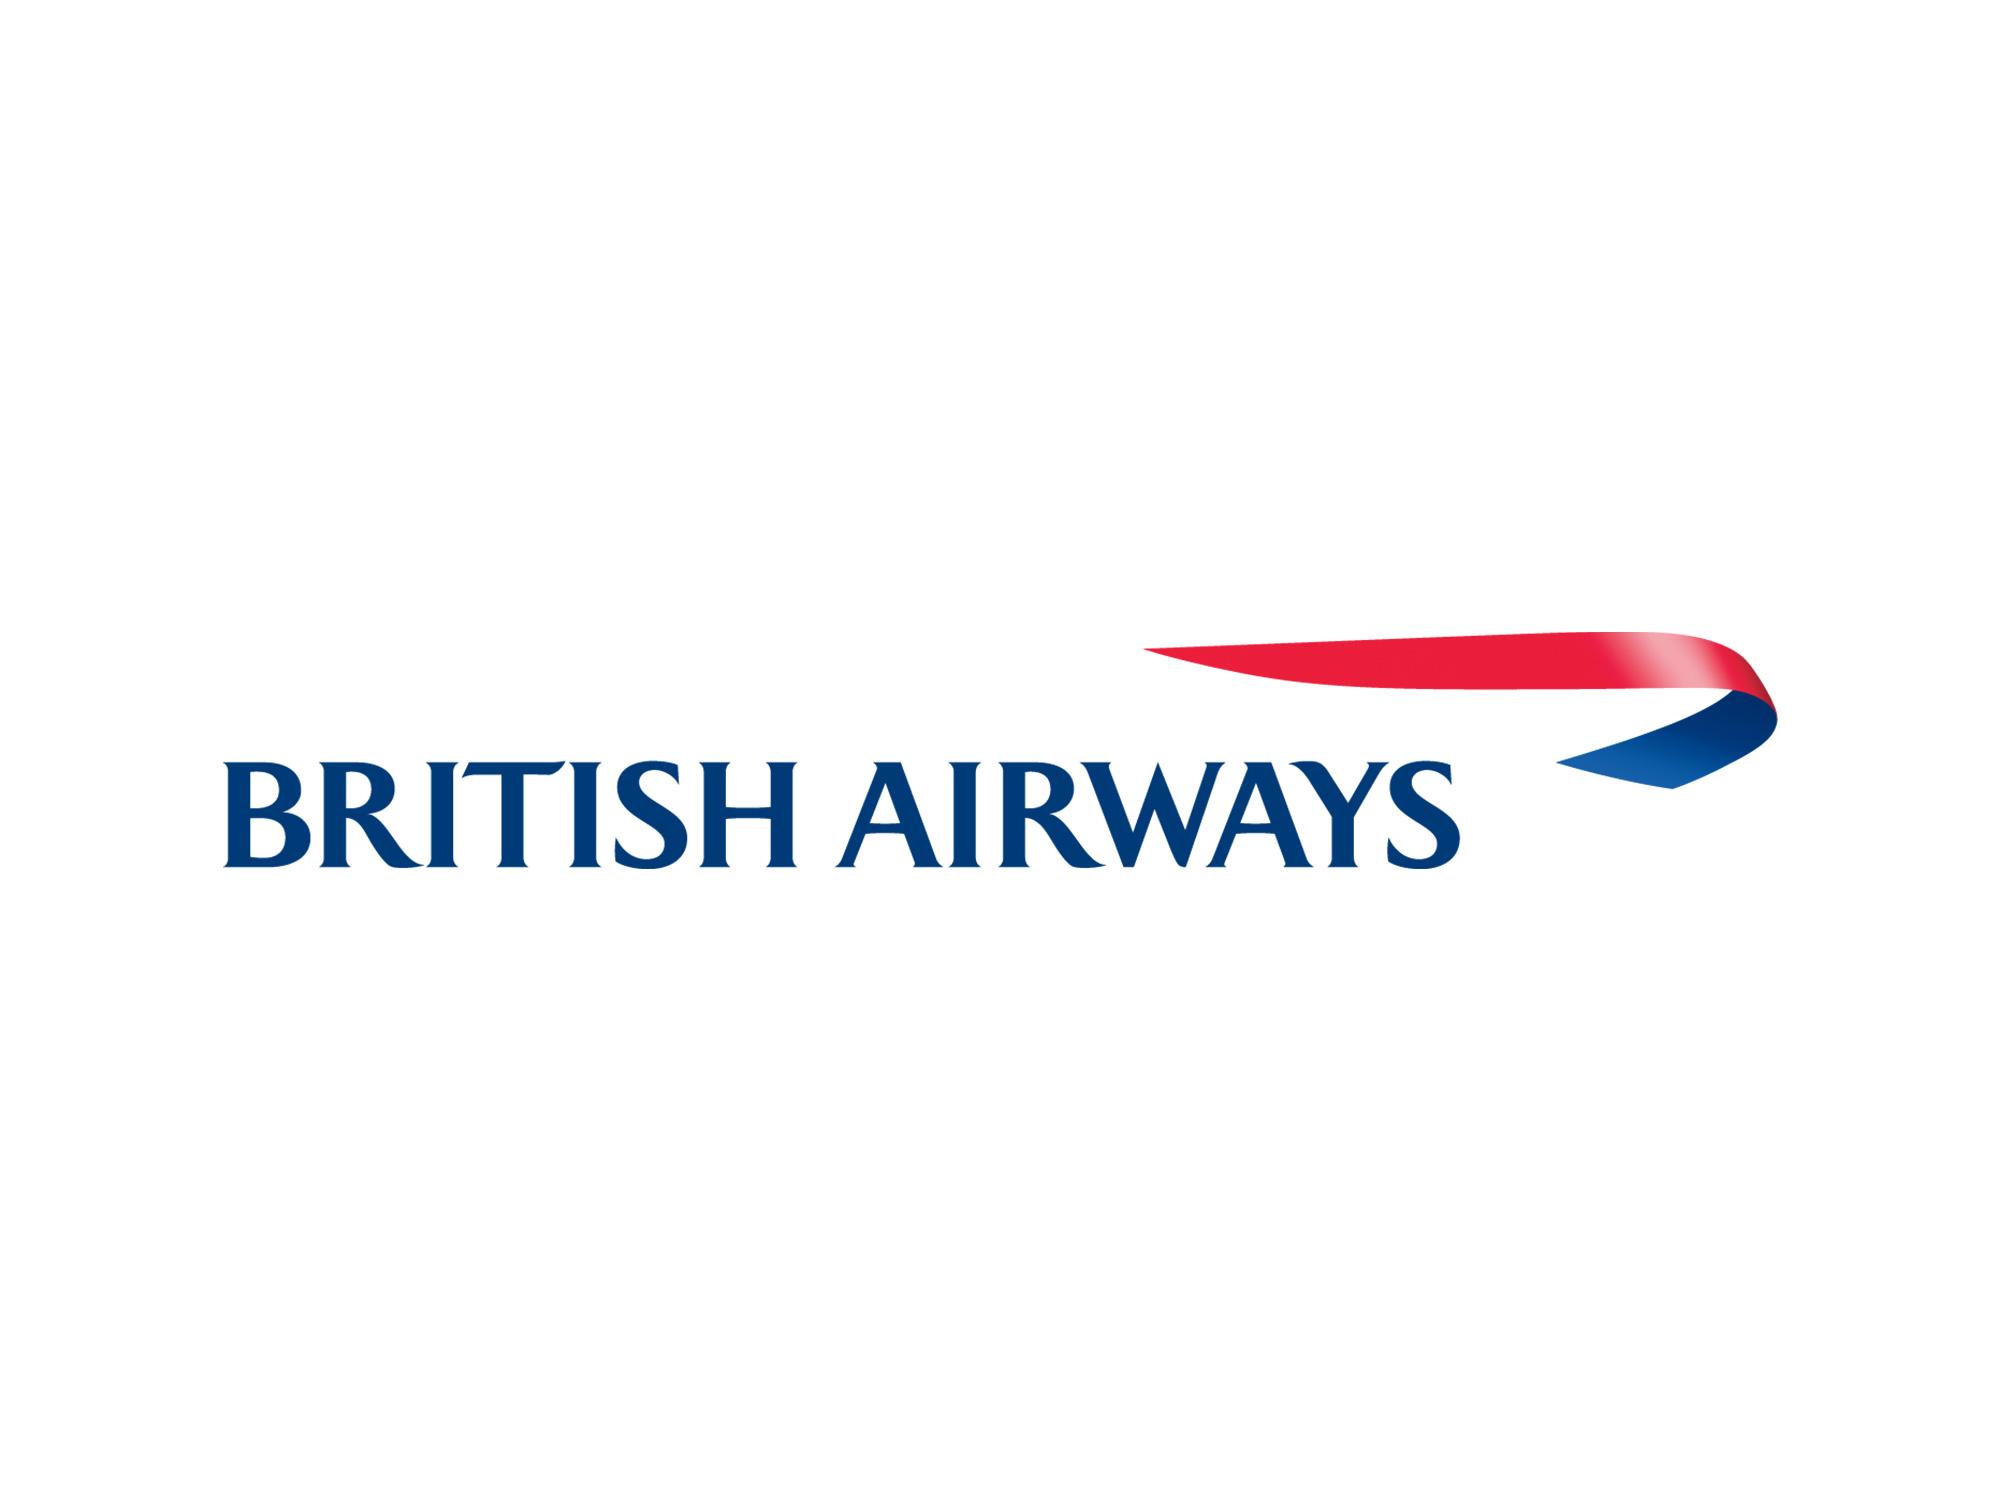 British airways shopping online